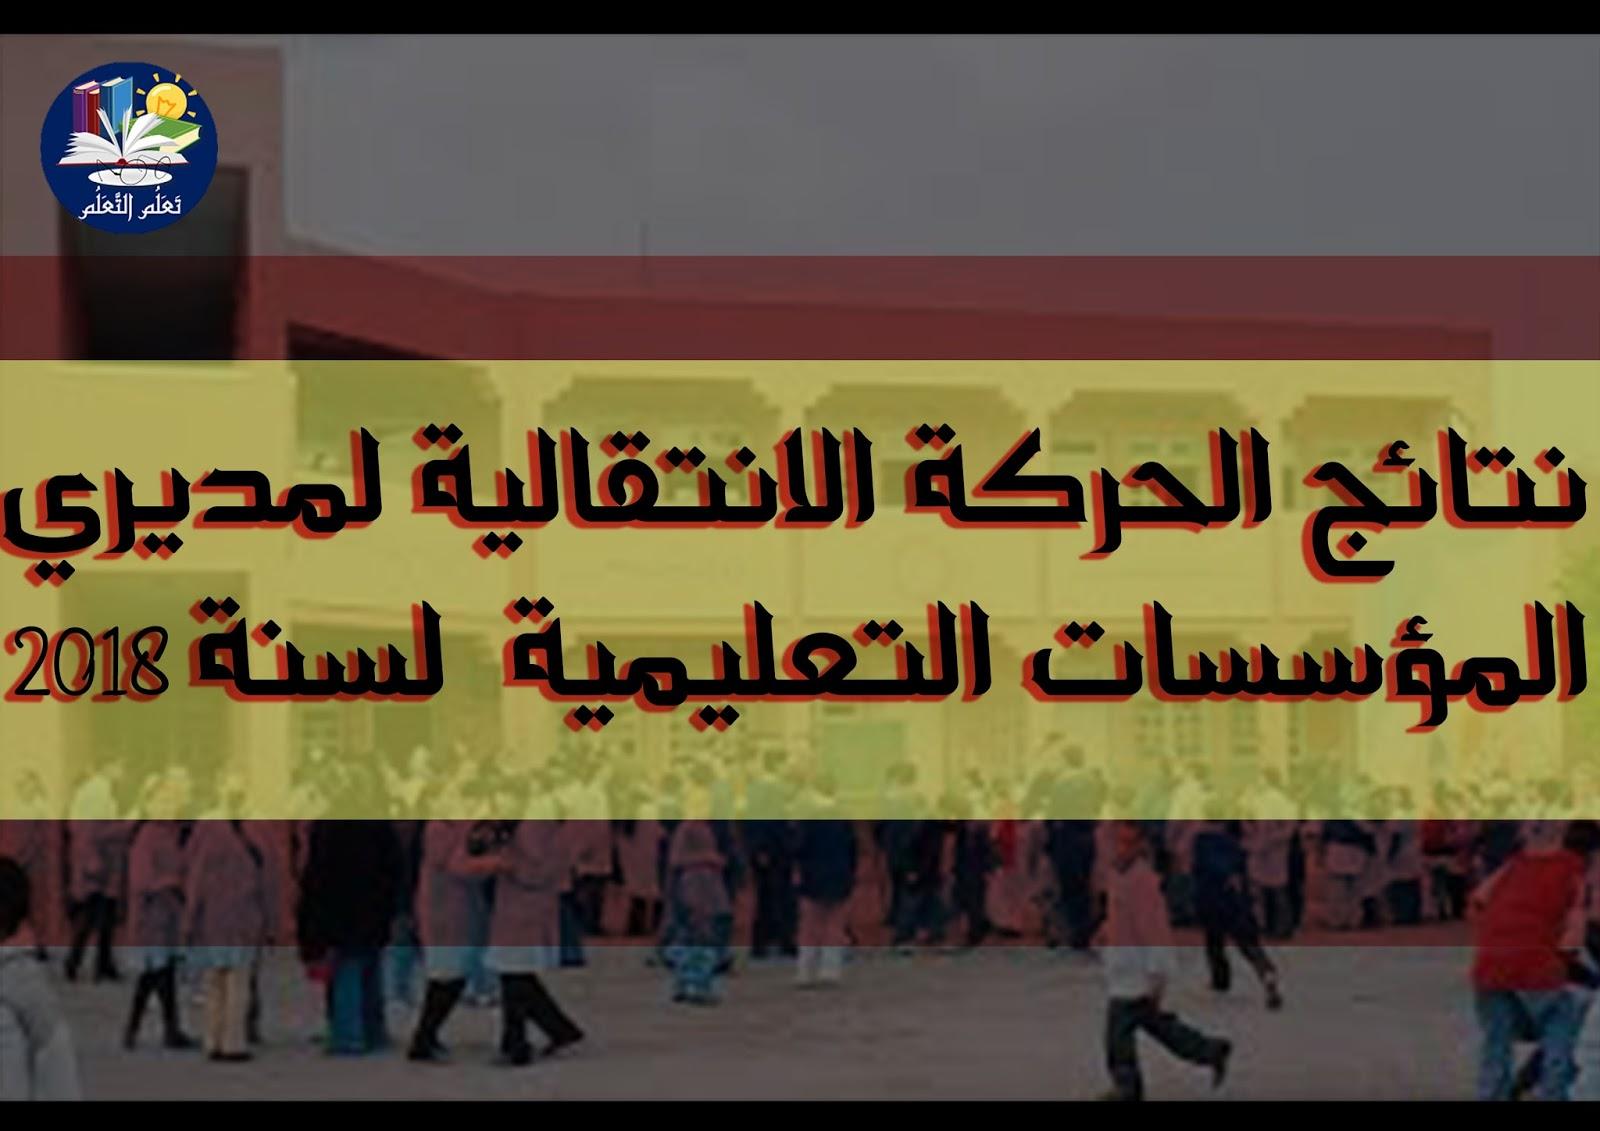 نتائج الحركة الانتقالية لمديري المؤسسات التعليمية  لسنة 2018